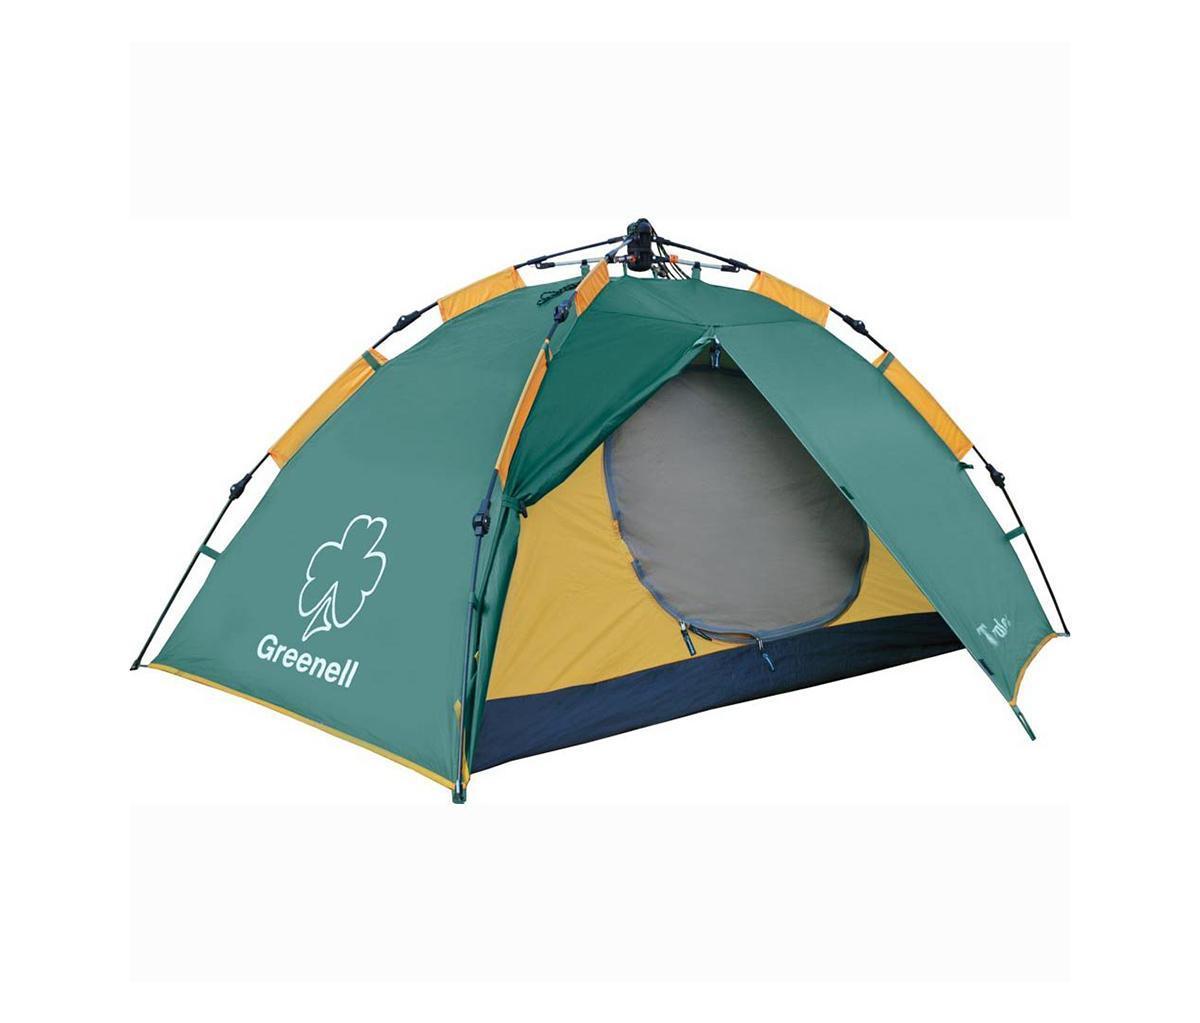 Палатка Greenell Трале 2V2 Green95282-303-00Легкая палатка для тех кто ценит время Двухслойная дуговая палатка с полуавтоматическим каркасом. Один вход и тамбур. Вну- тренняя палатка и тент устанавливаются одновременно. Легко ставиться одним человеком. Минимум времени для установки и сборки. Проклеенные швы. Противомоскитная сетка. Q-образный вход продублирован сеткой. Улучшенная вентиляция. Облегченная регулировка оттяжек со световозвращающей нитью. Цвет: Зеленый. Сезон: лето.